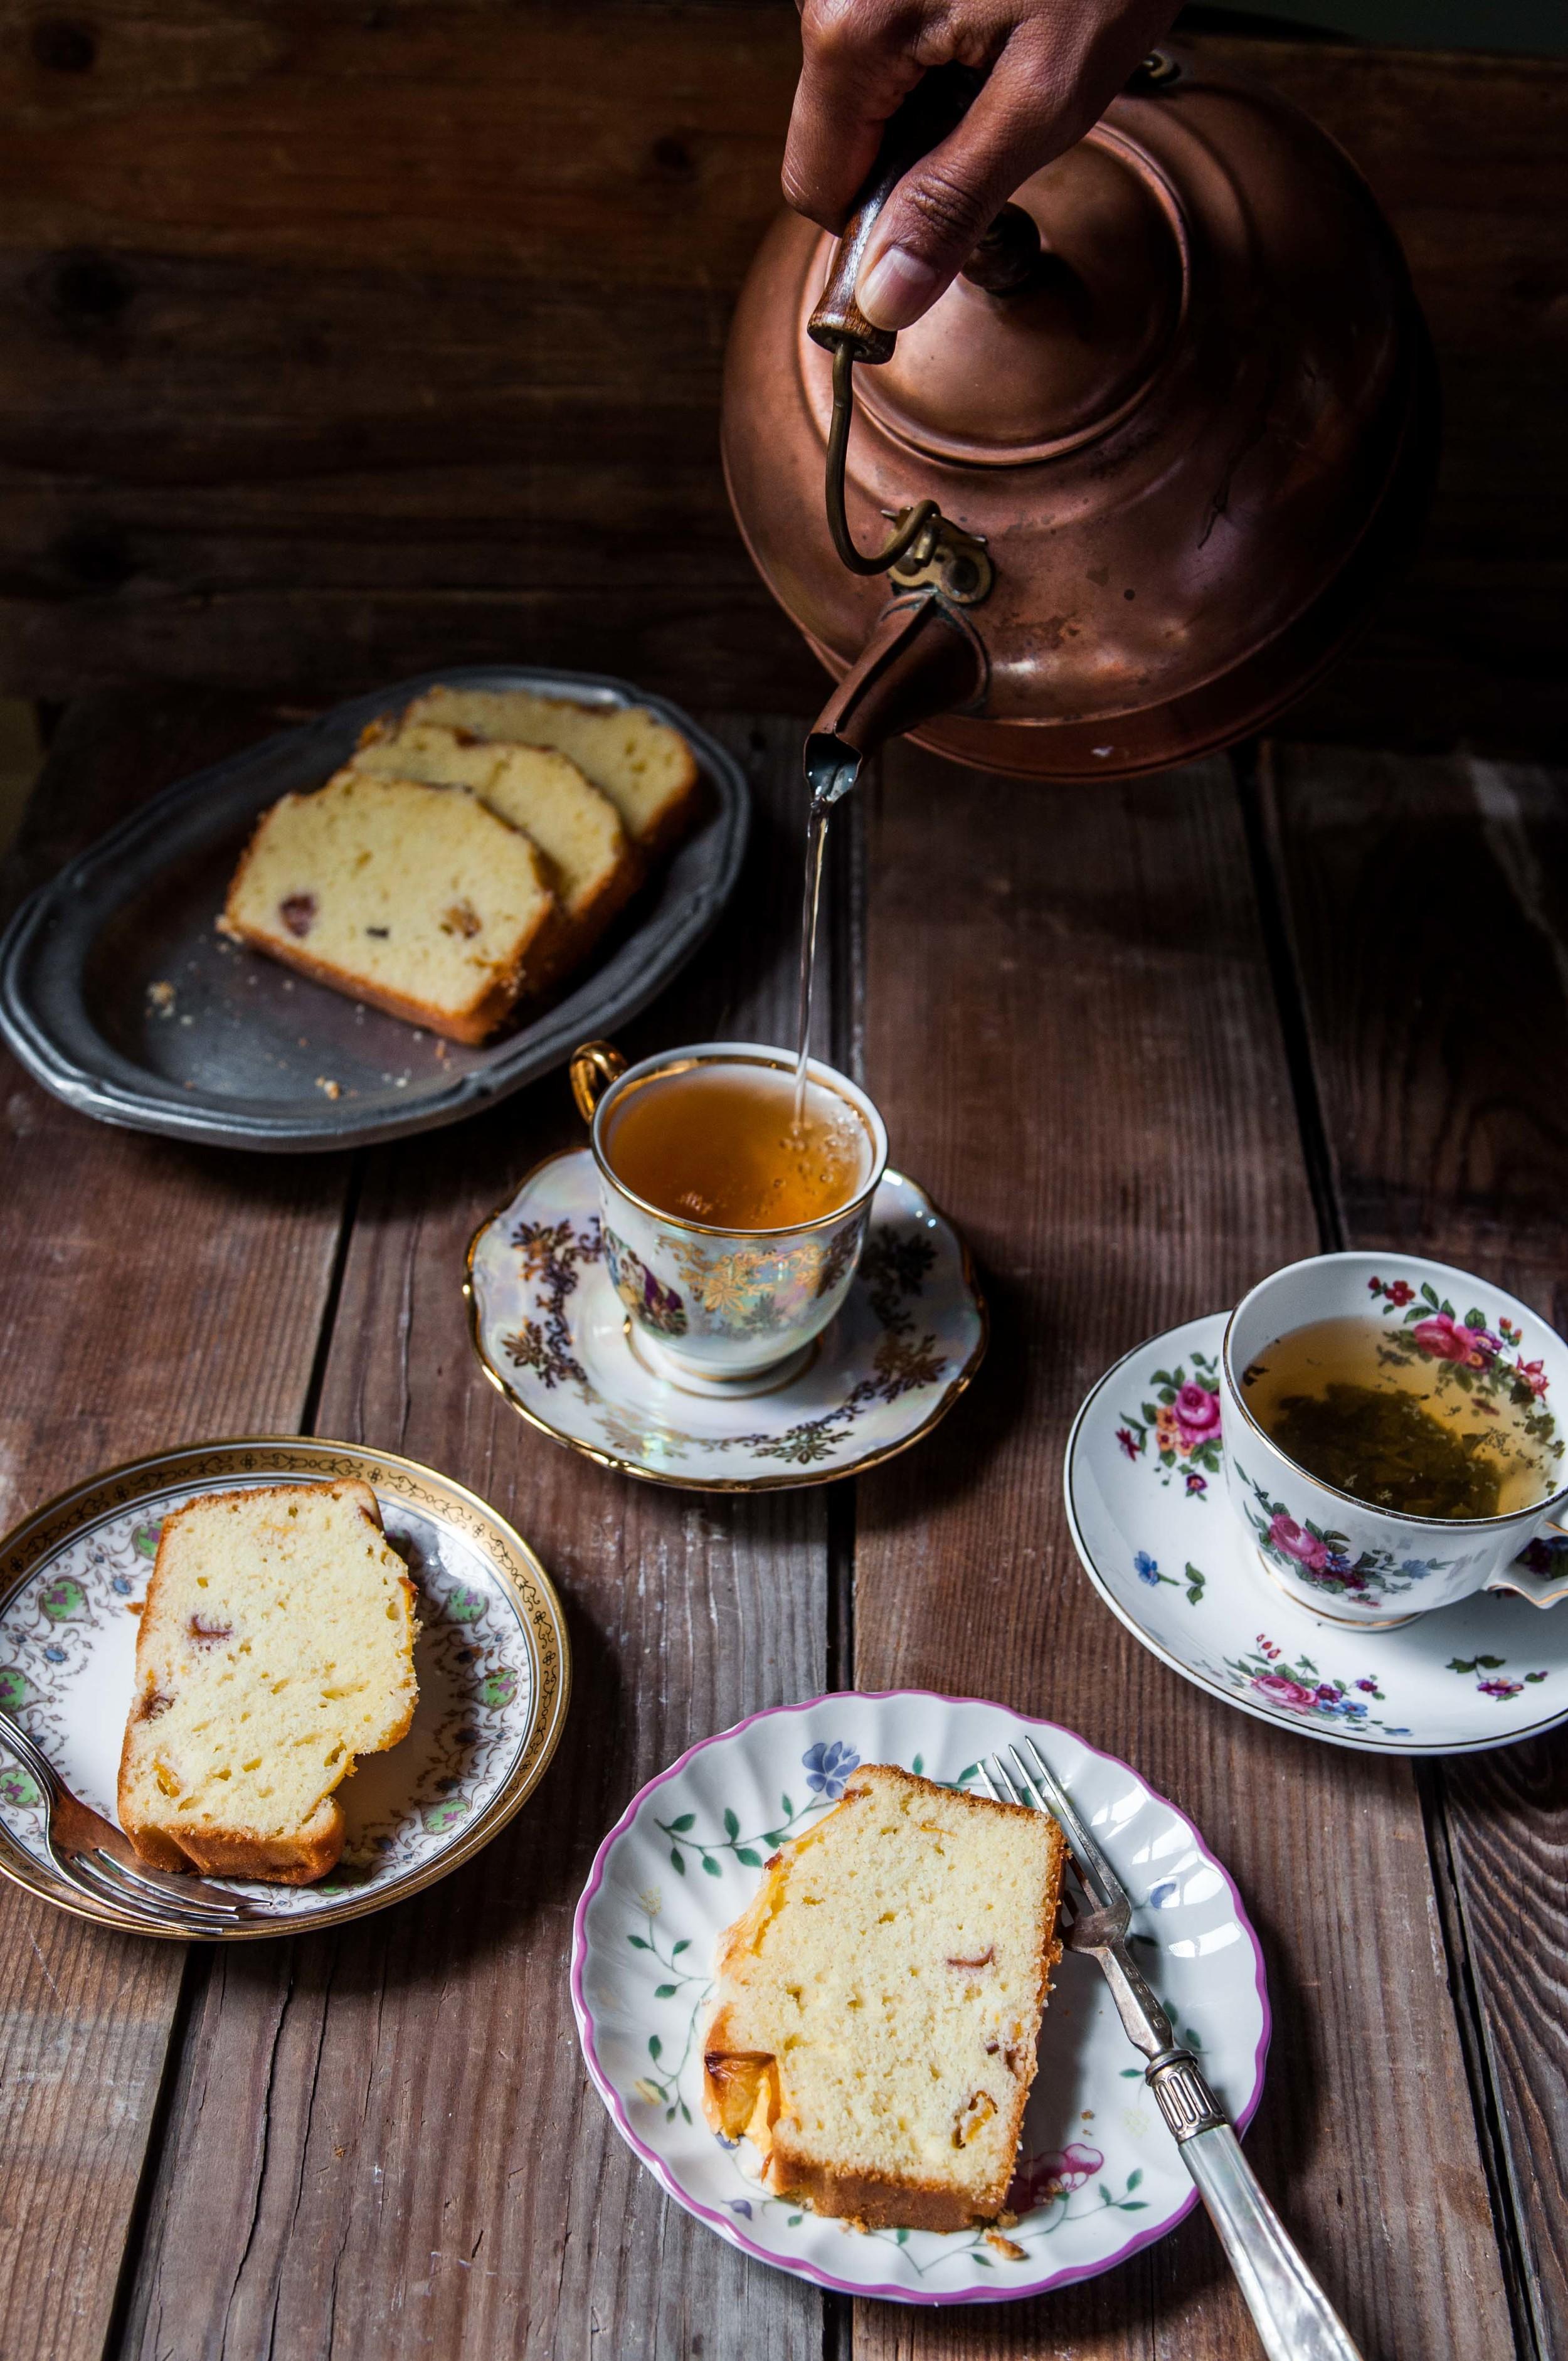 Gluten Free Peach Pound Cake with Tea